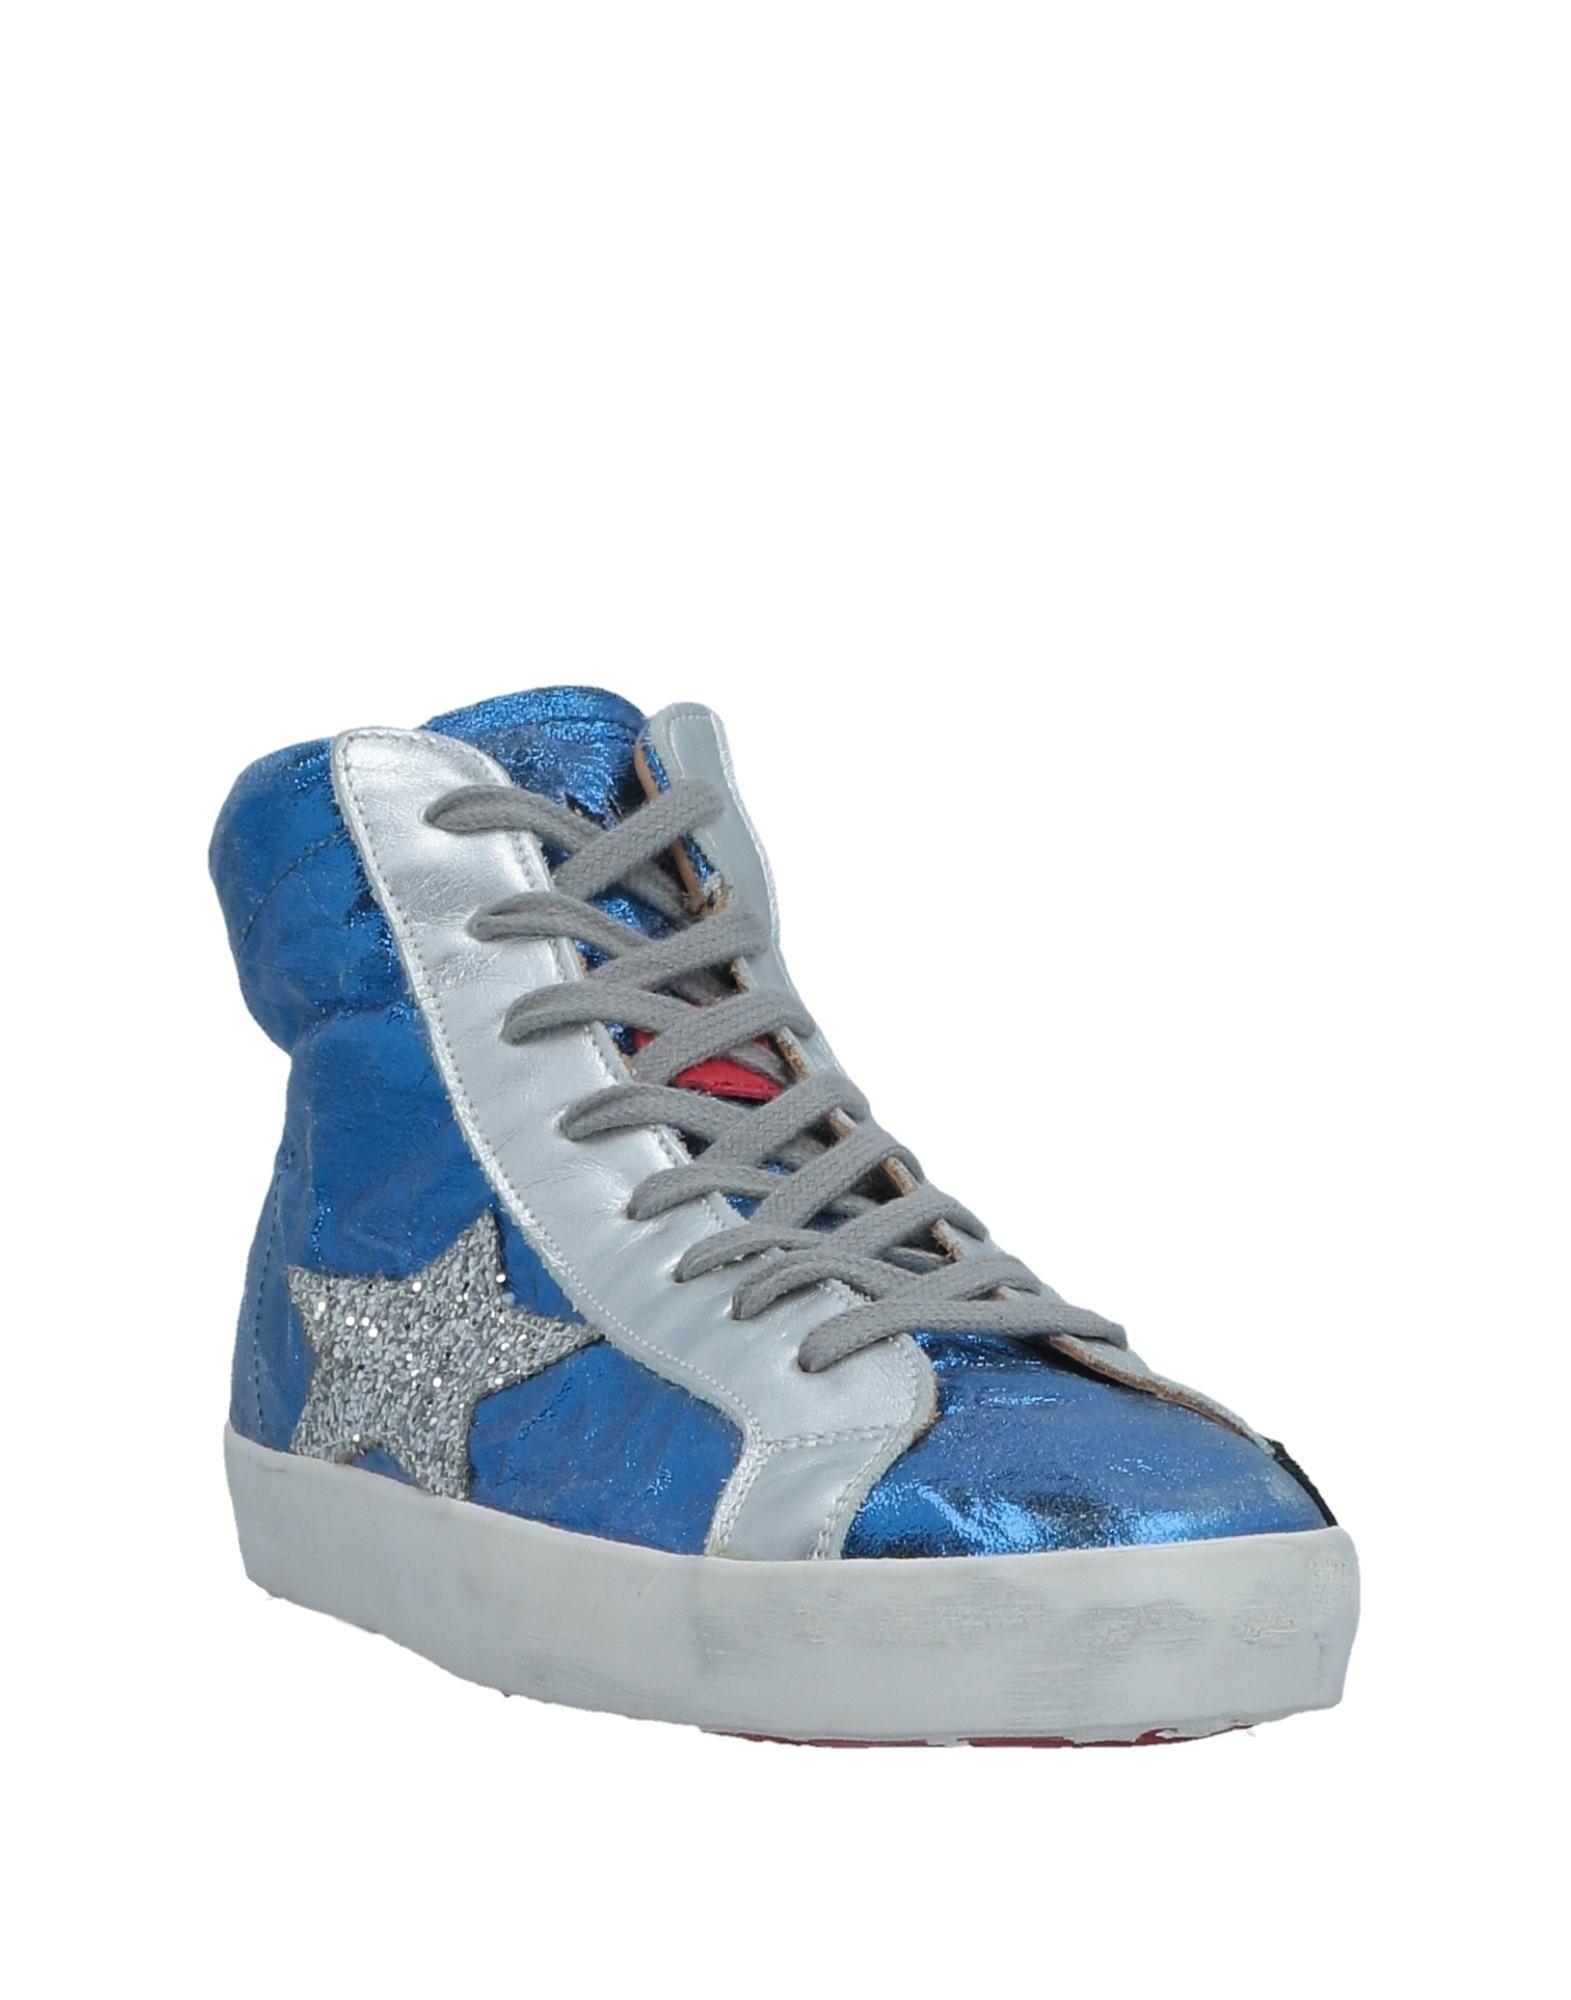 Ishikawa Gute Sneakers Damen  11521083CW Gute Ishikawa Qualität beliebte Schuhe 21513a